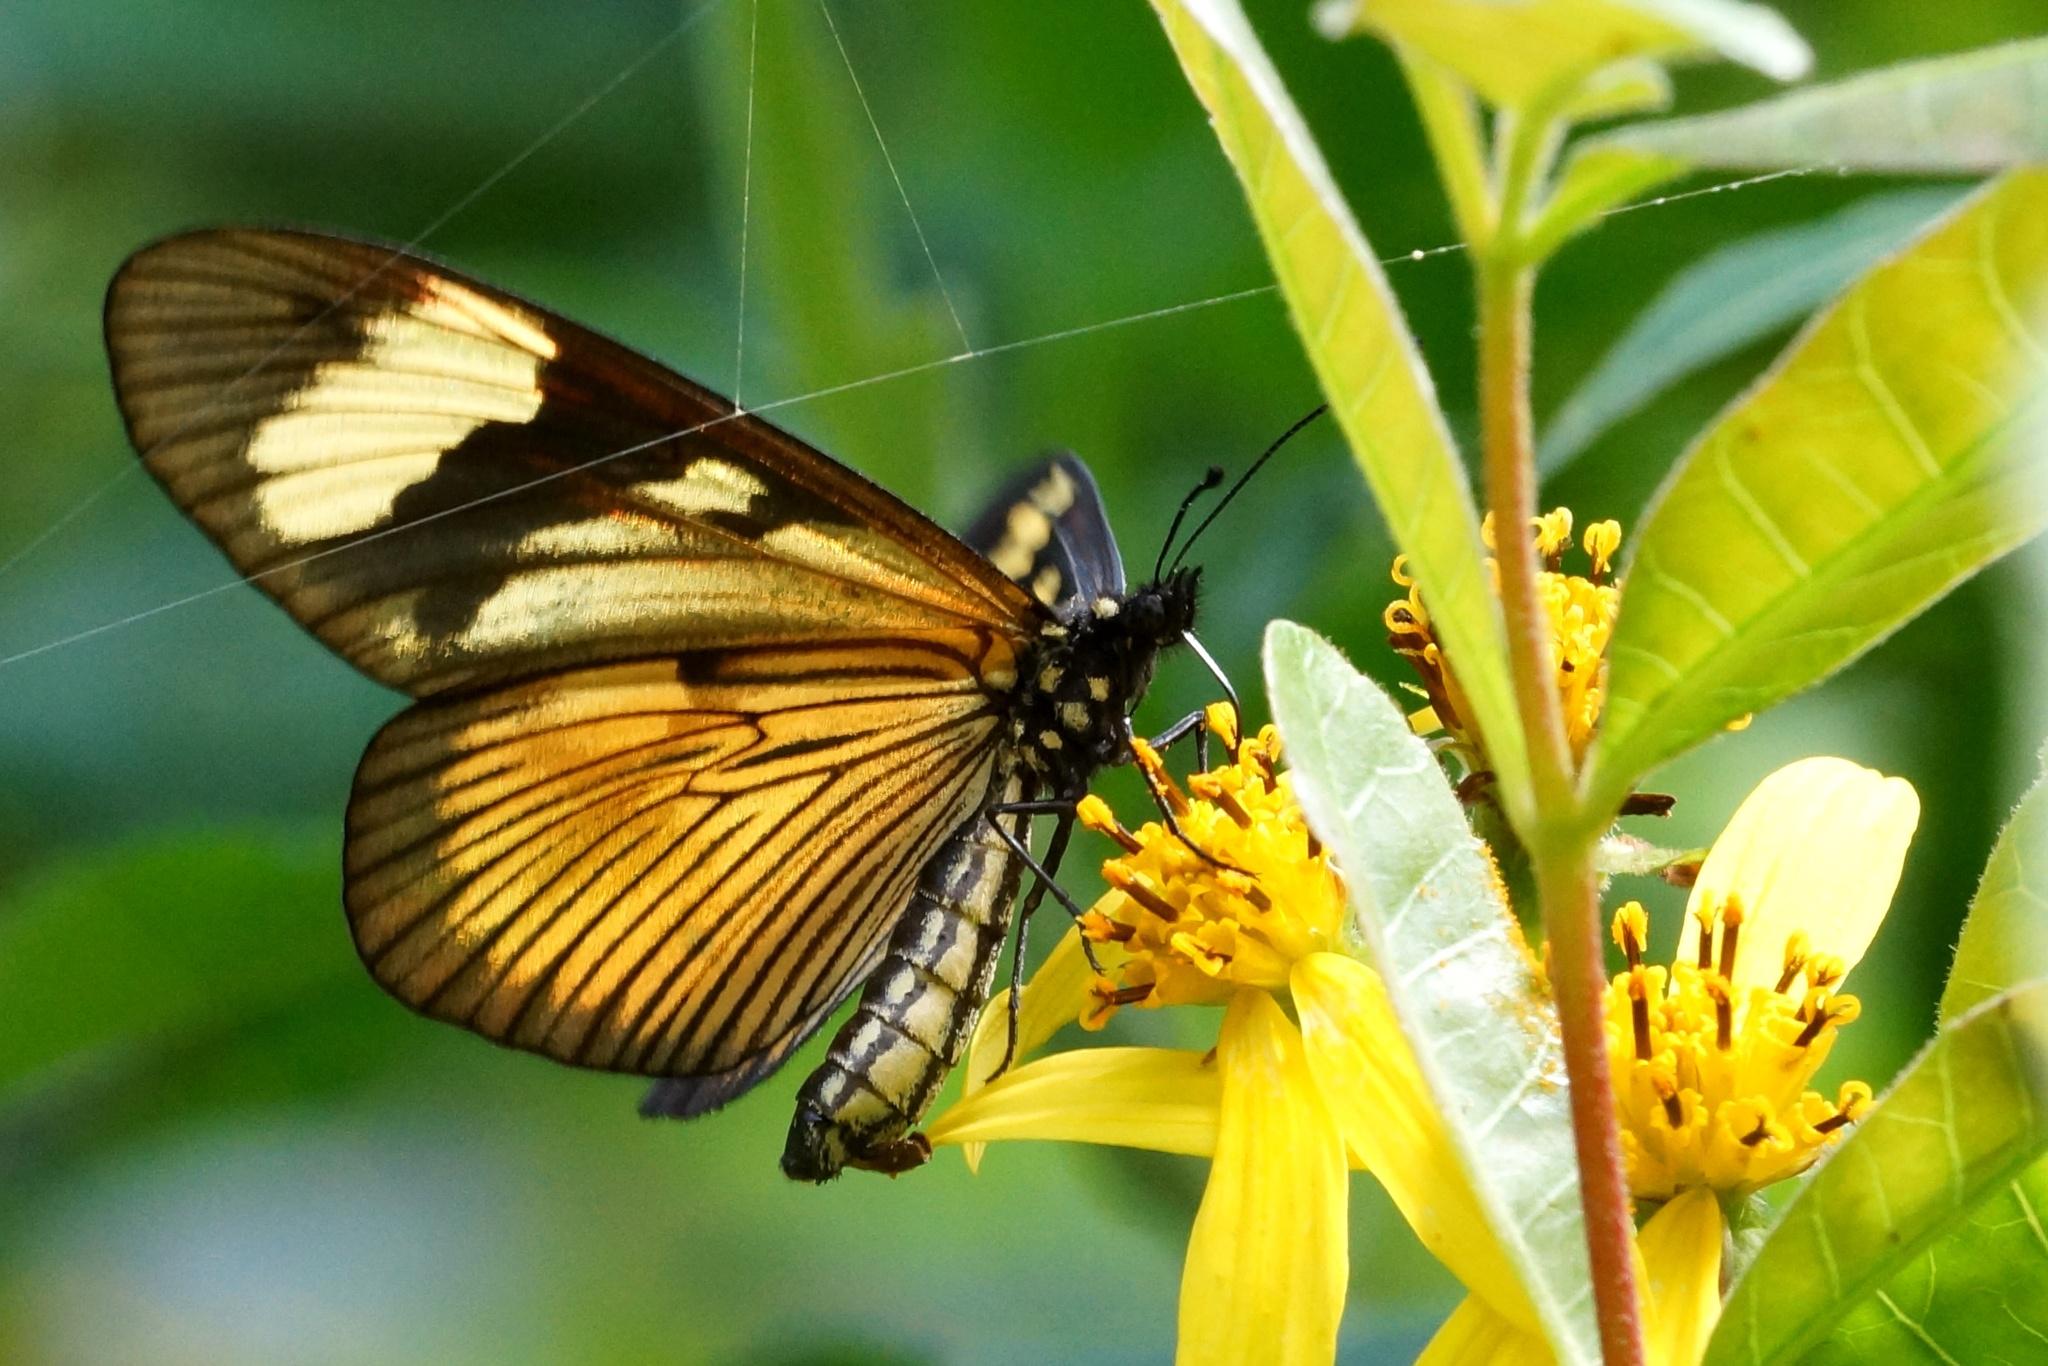 yellow butterfly & flowers by allenhagler59663852